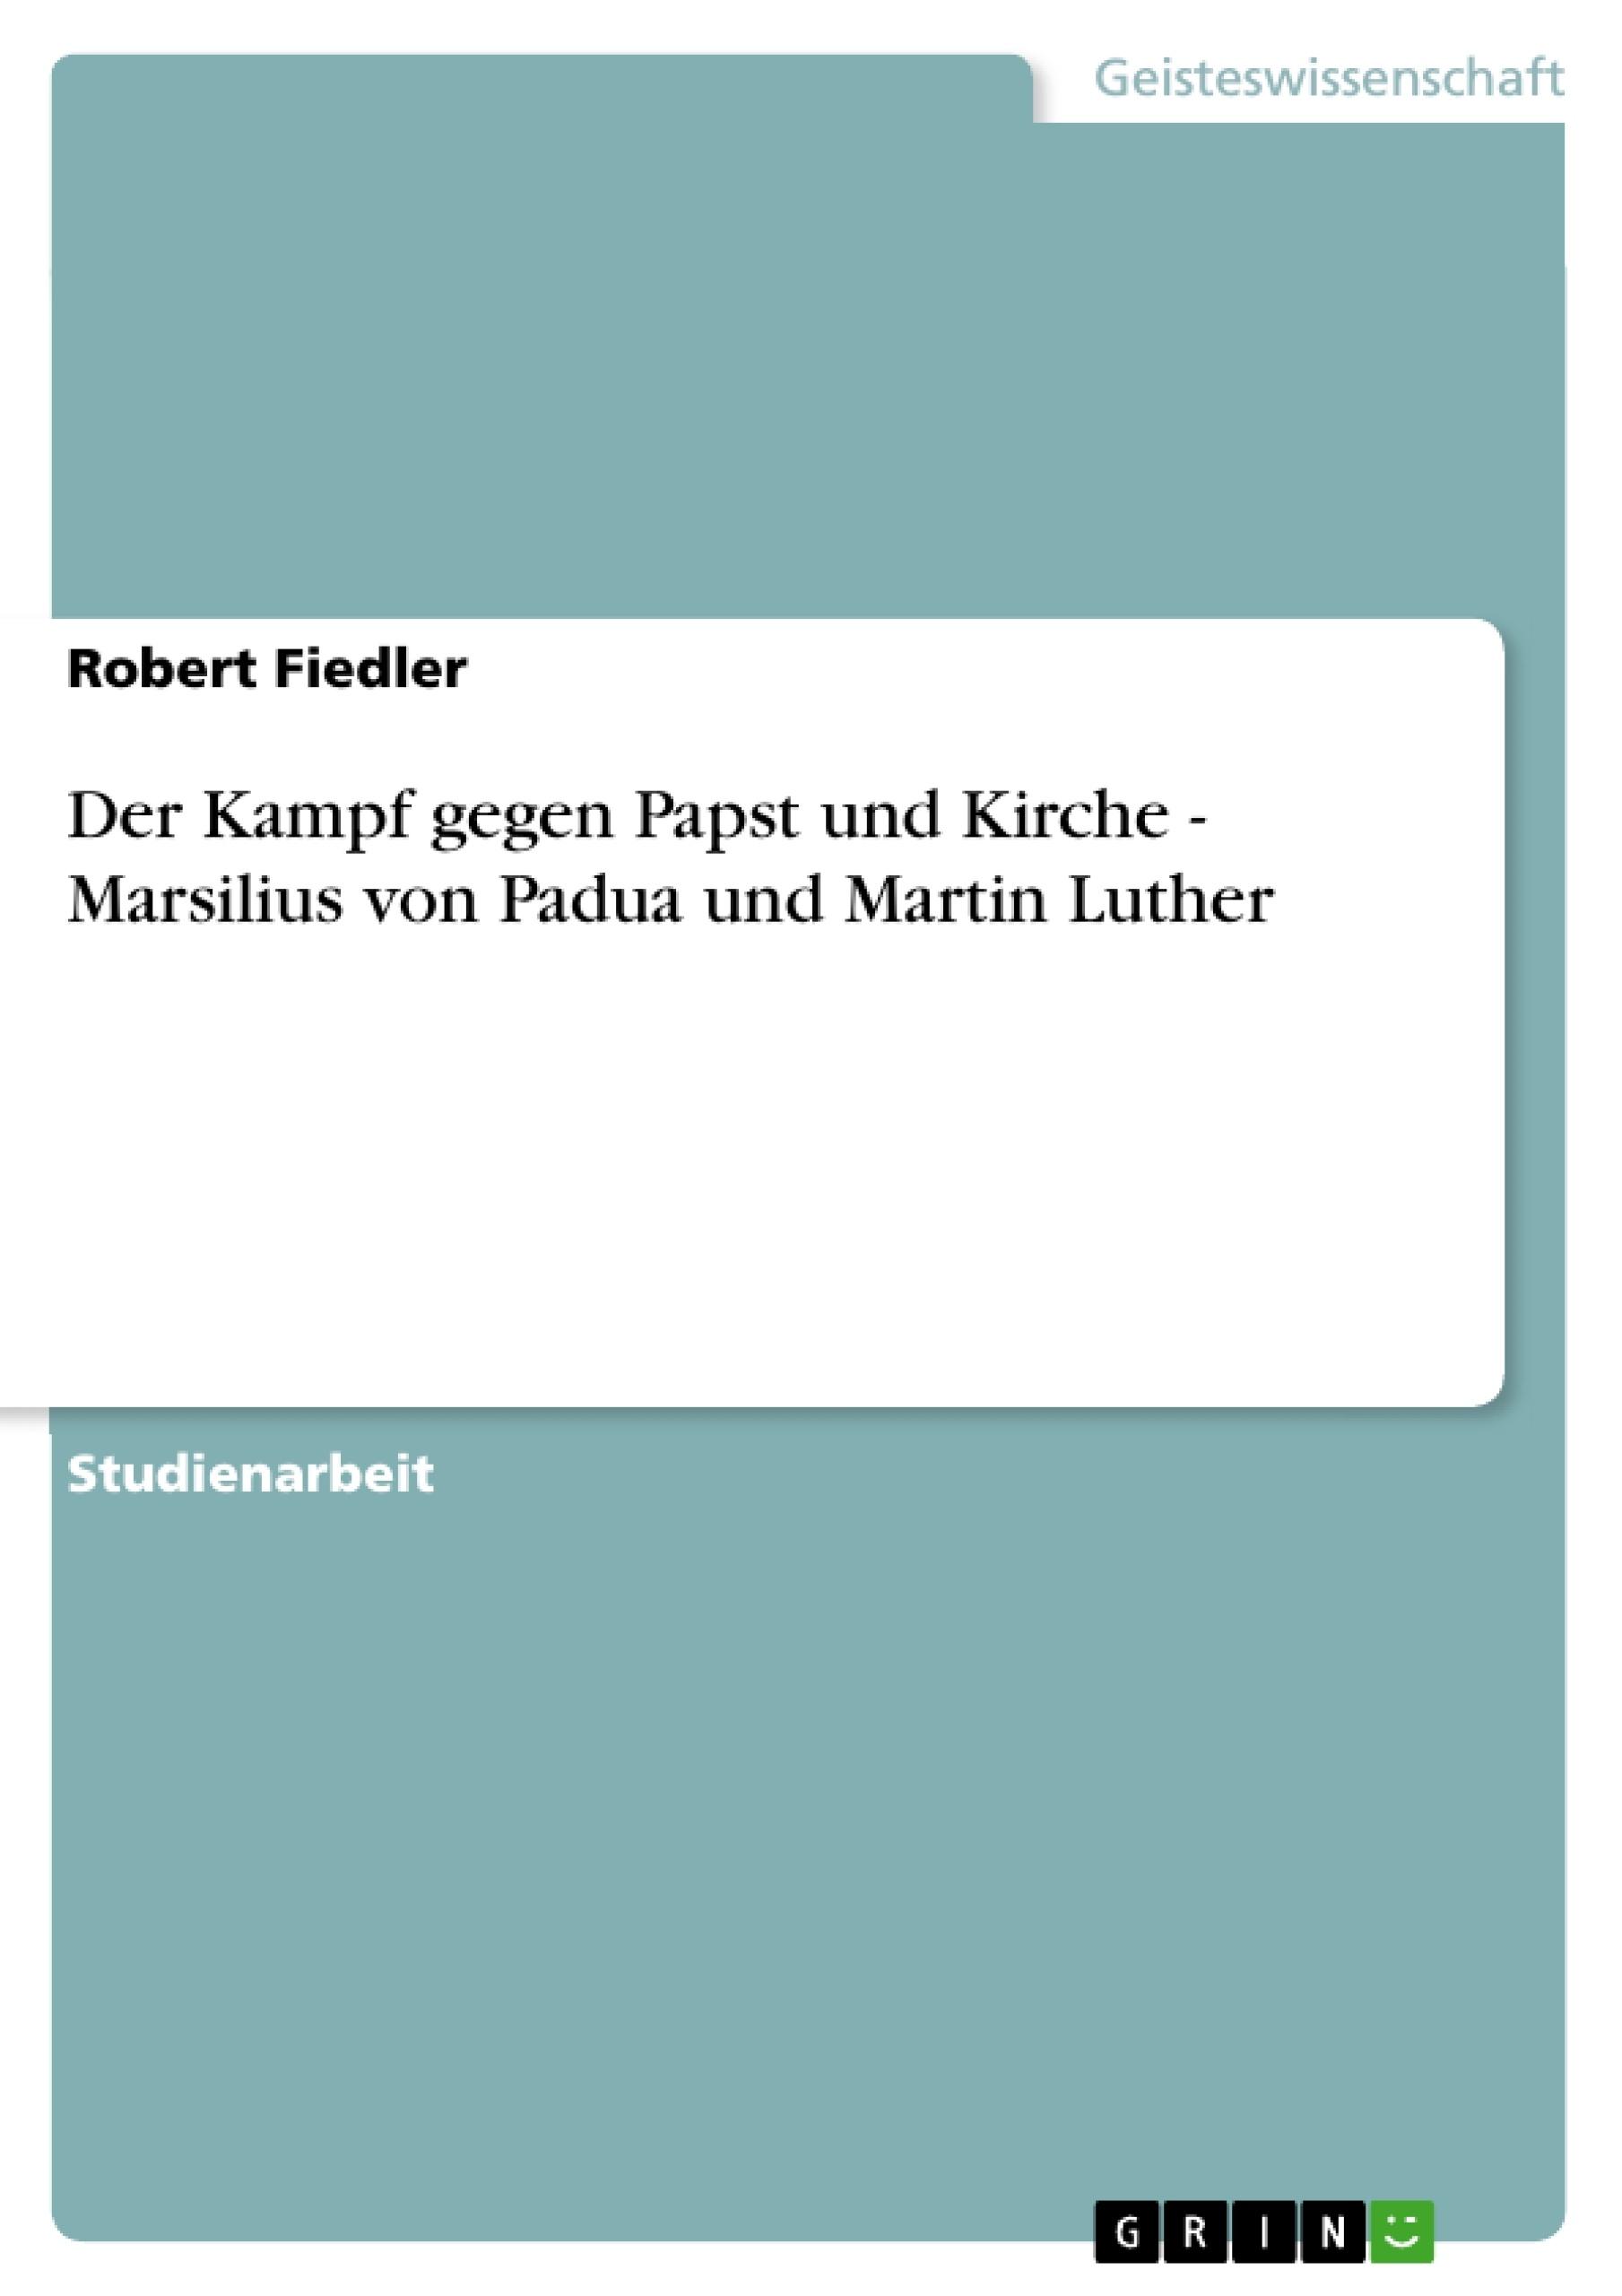 Titel: Der Kampf gegen Papst und Kirche - Marsilius von Padua und Martin Luther